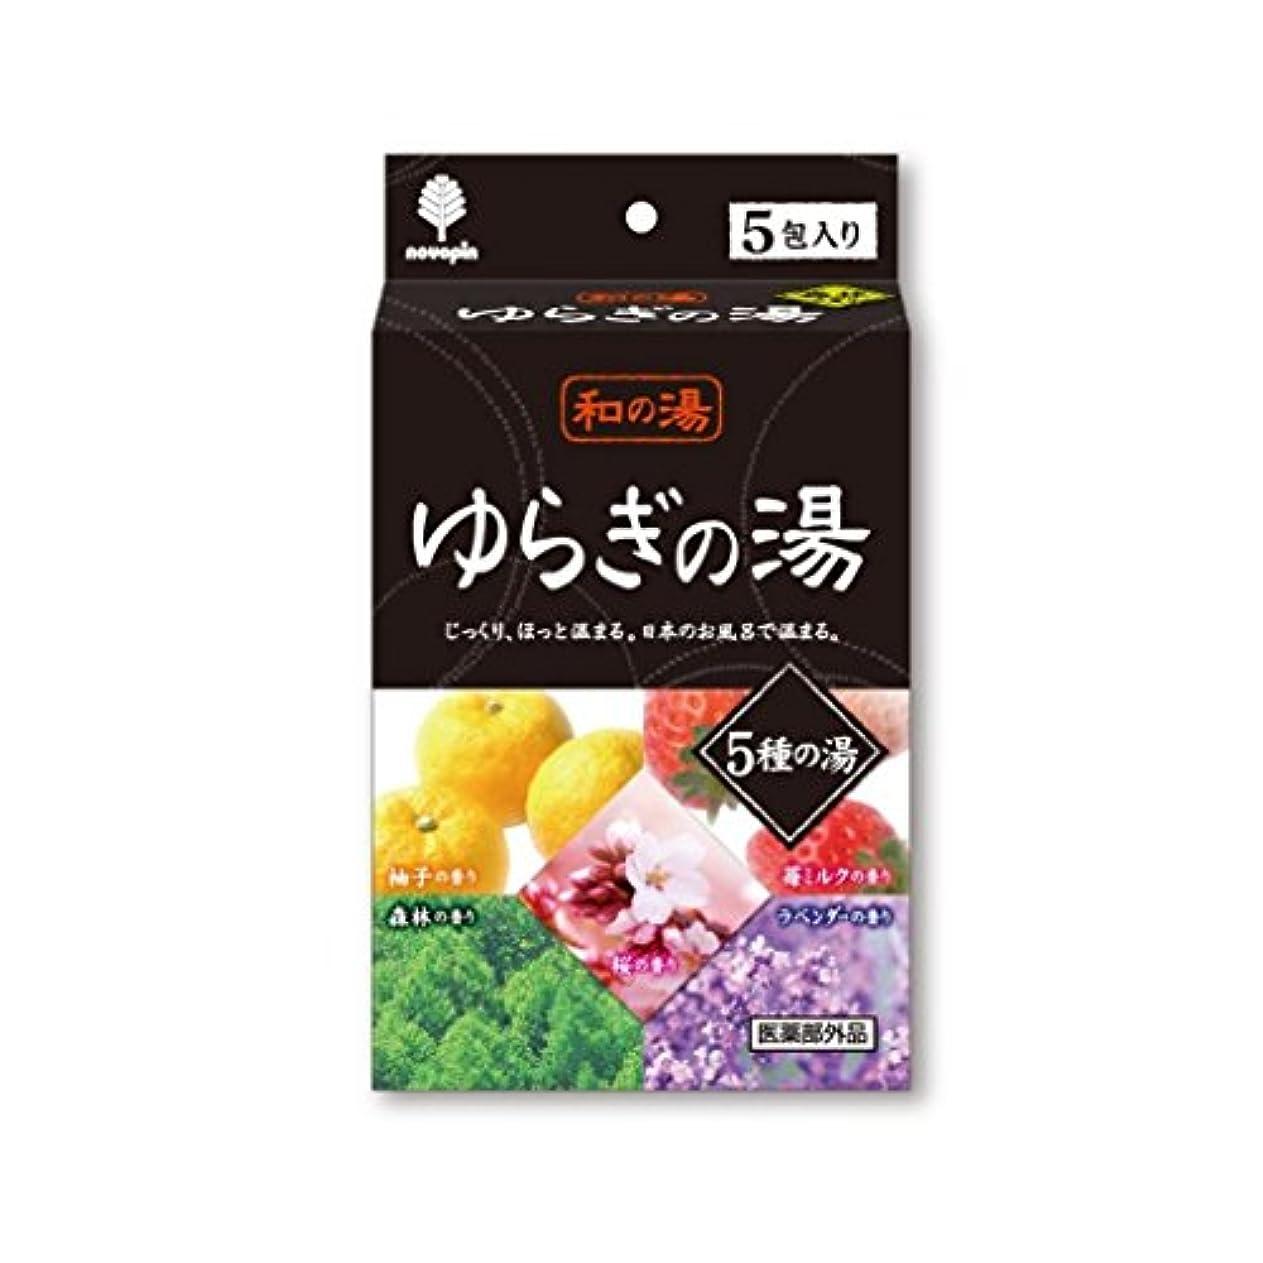 スイッチトリプル略す紀陽除虫菊 日本製 Japan 和の湯 ゆらぎの湯 5種の湯 25g×5包入 【まとめ買い10個セット】